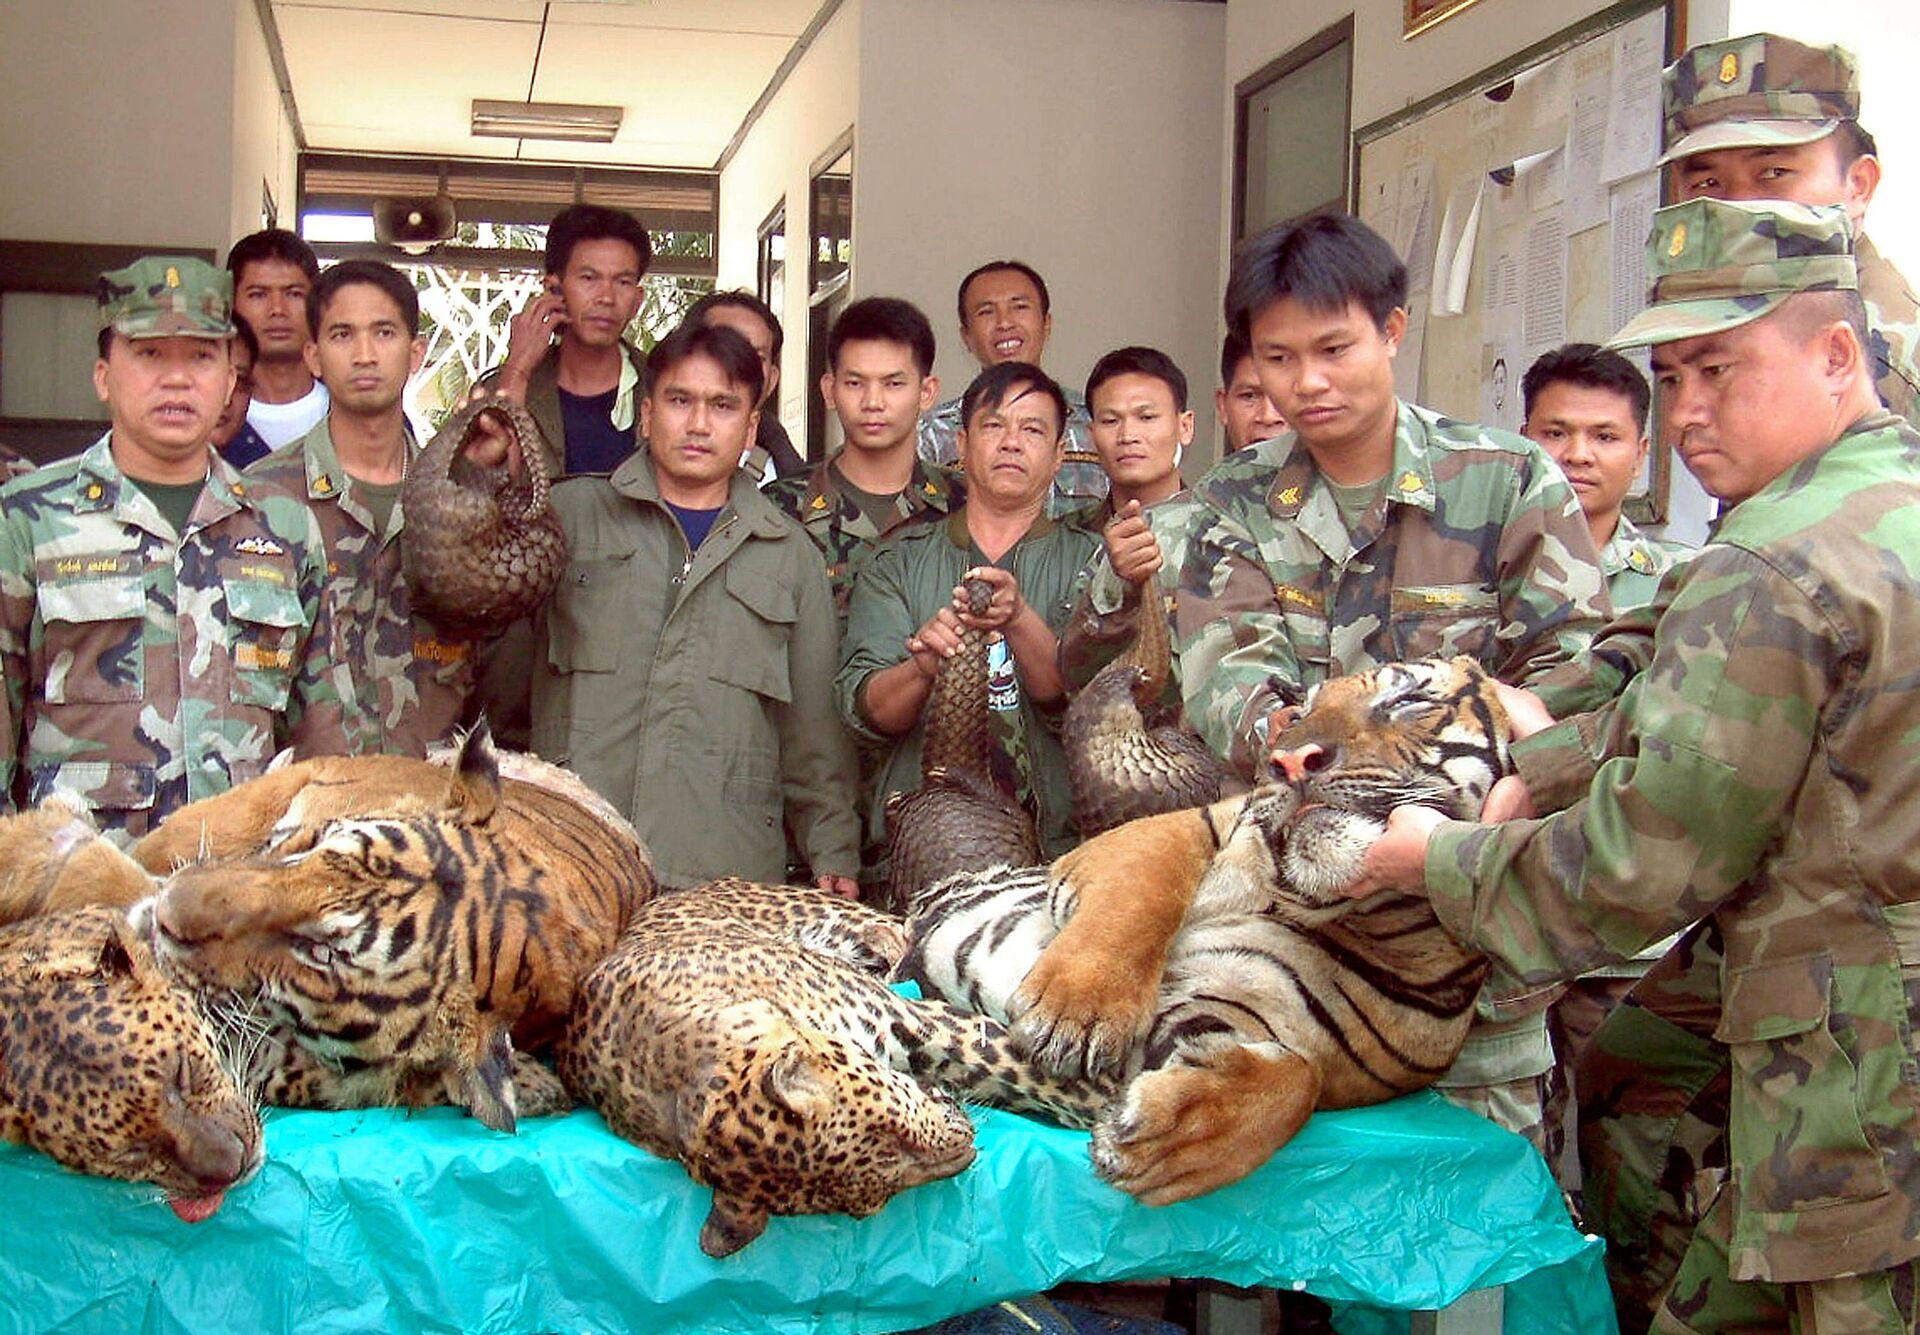 Các sĩ quan hải quân Thái Lan cho thấy hổ và báo Bengal buôn lậu bị bắt ở biên giới giữa Thái Lan và Lào - Sputnik Việt Nam, 1920, 05.10.2021